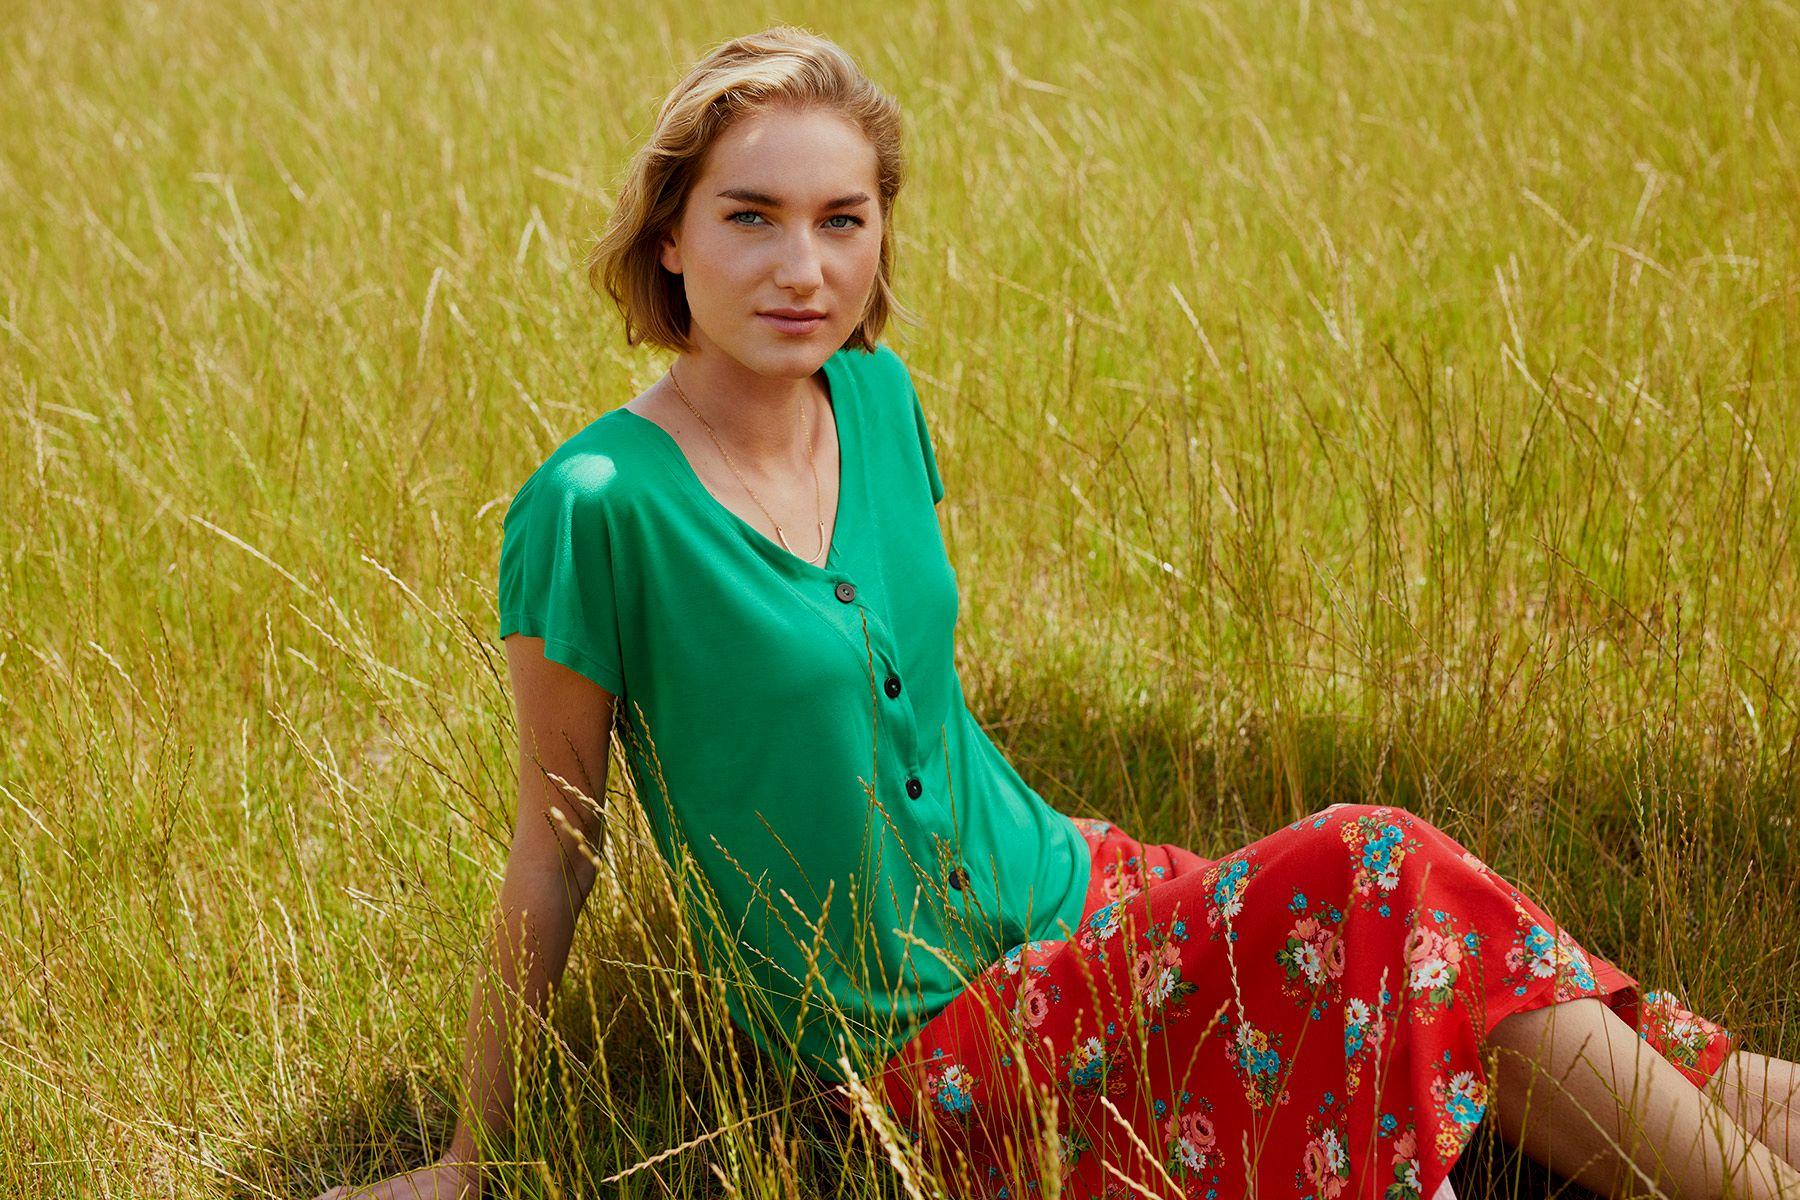 Lana Eco Fashion